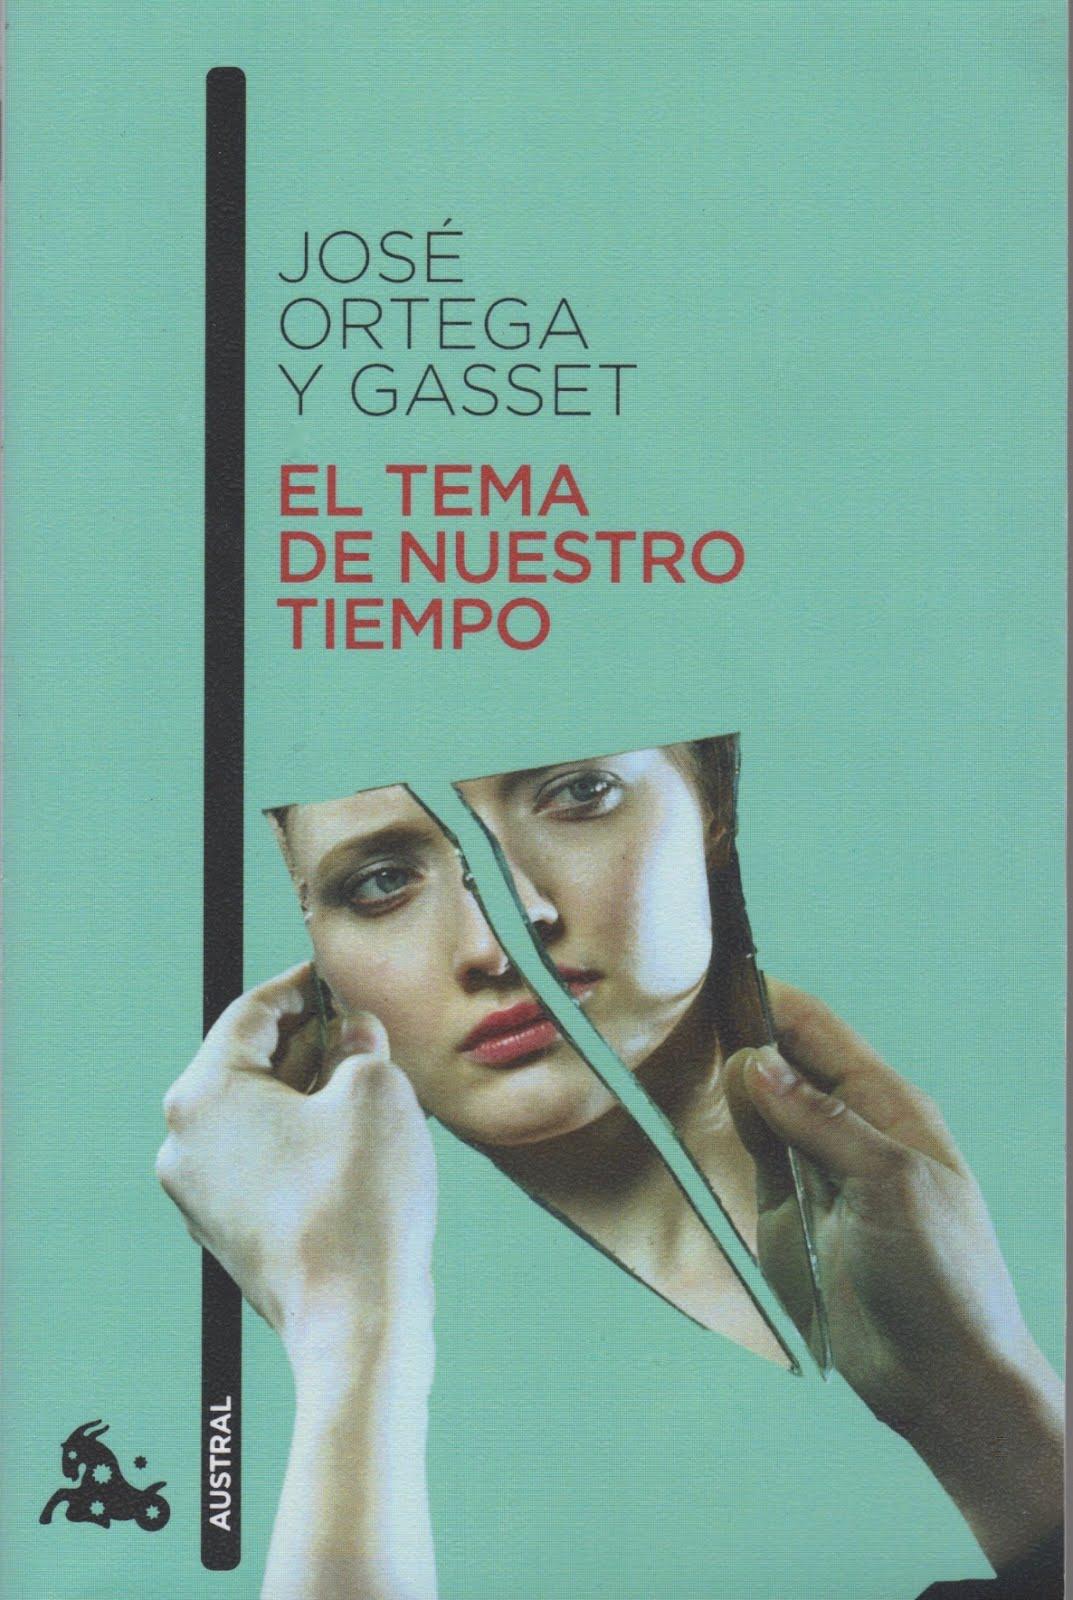 José Ortega y Gasset (El tema de nuestro tiempo